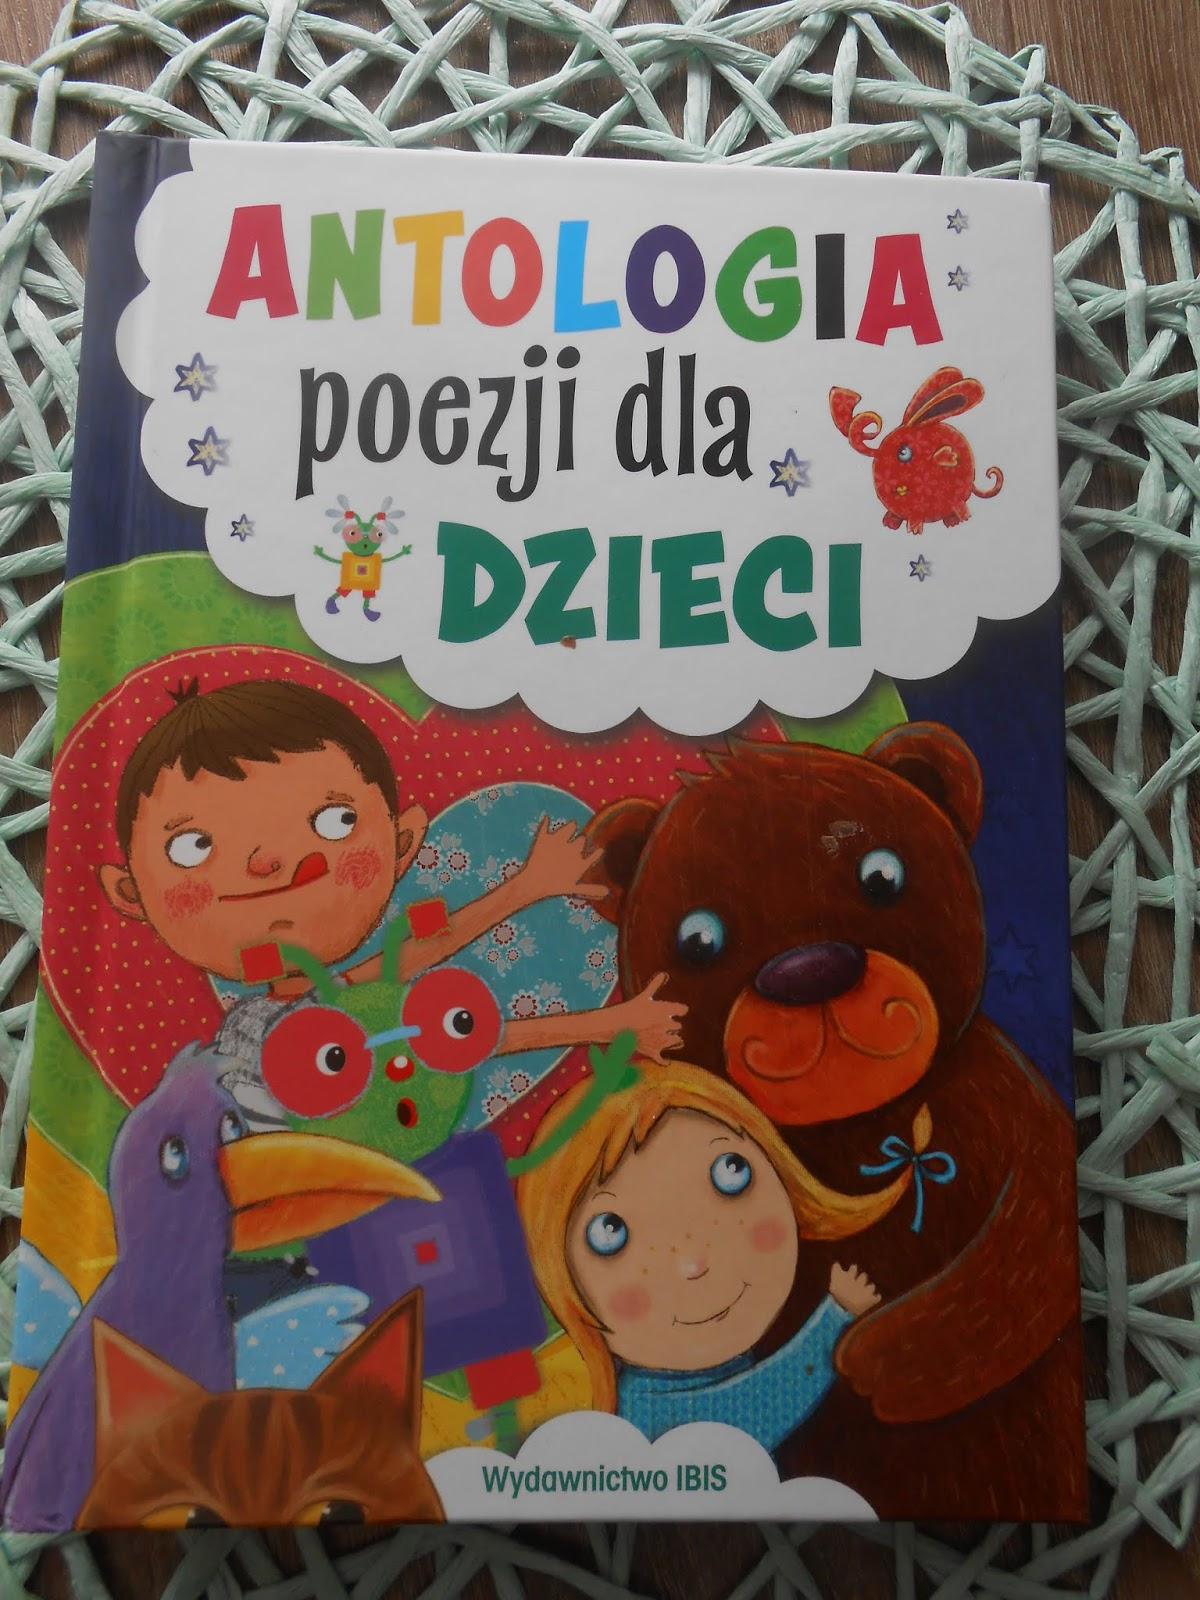 Wydawnictwo IBIS - Antologia poezji dla dzieci